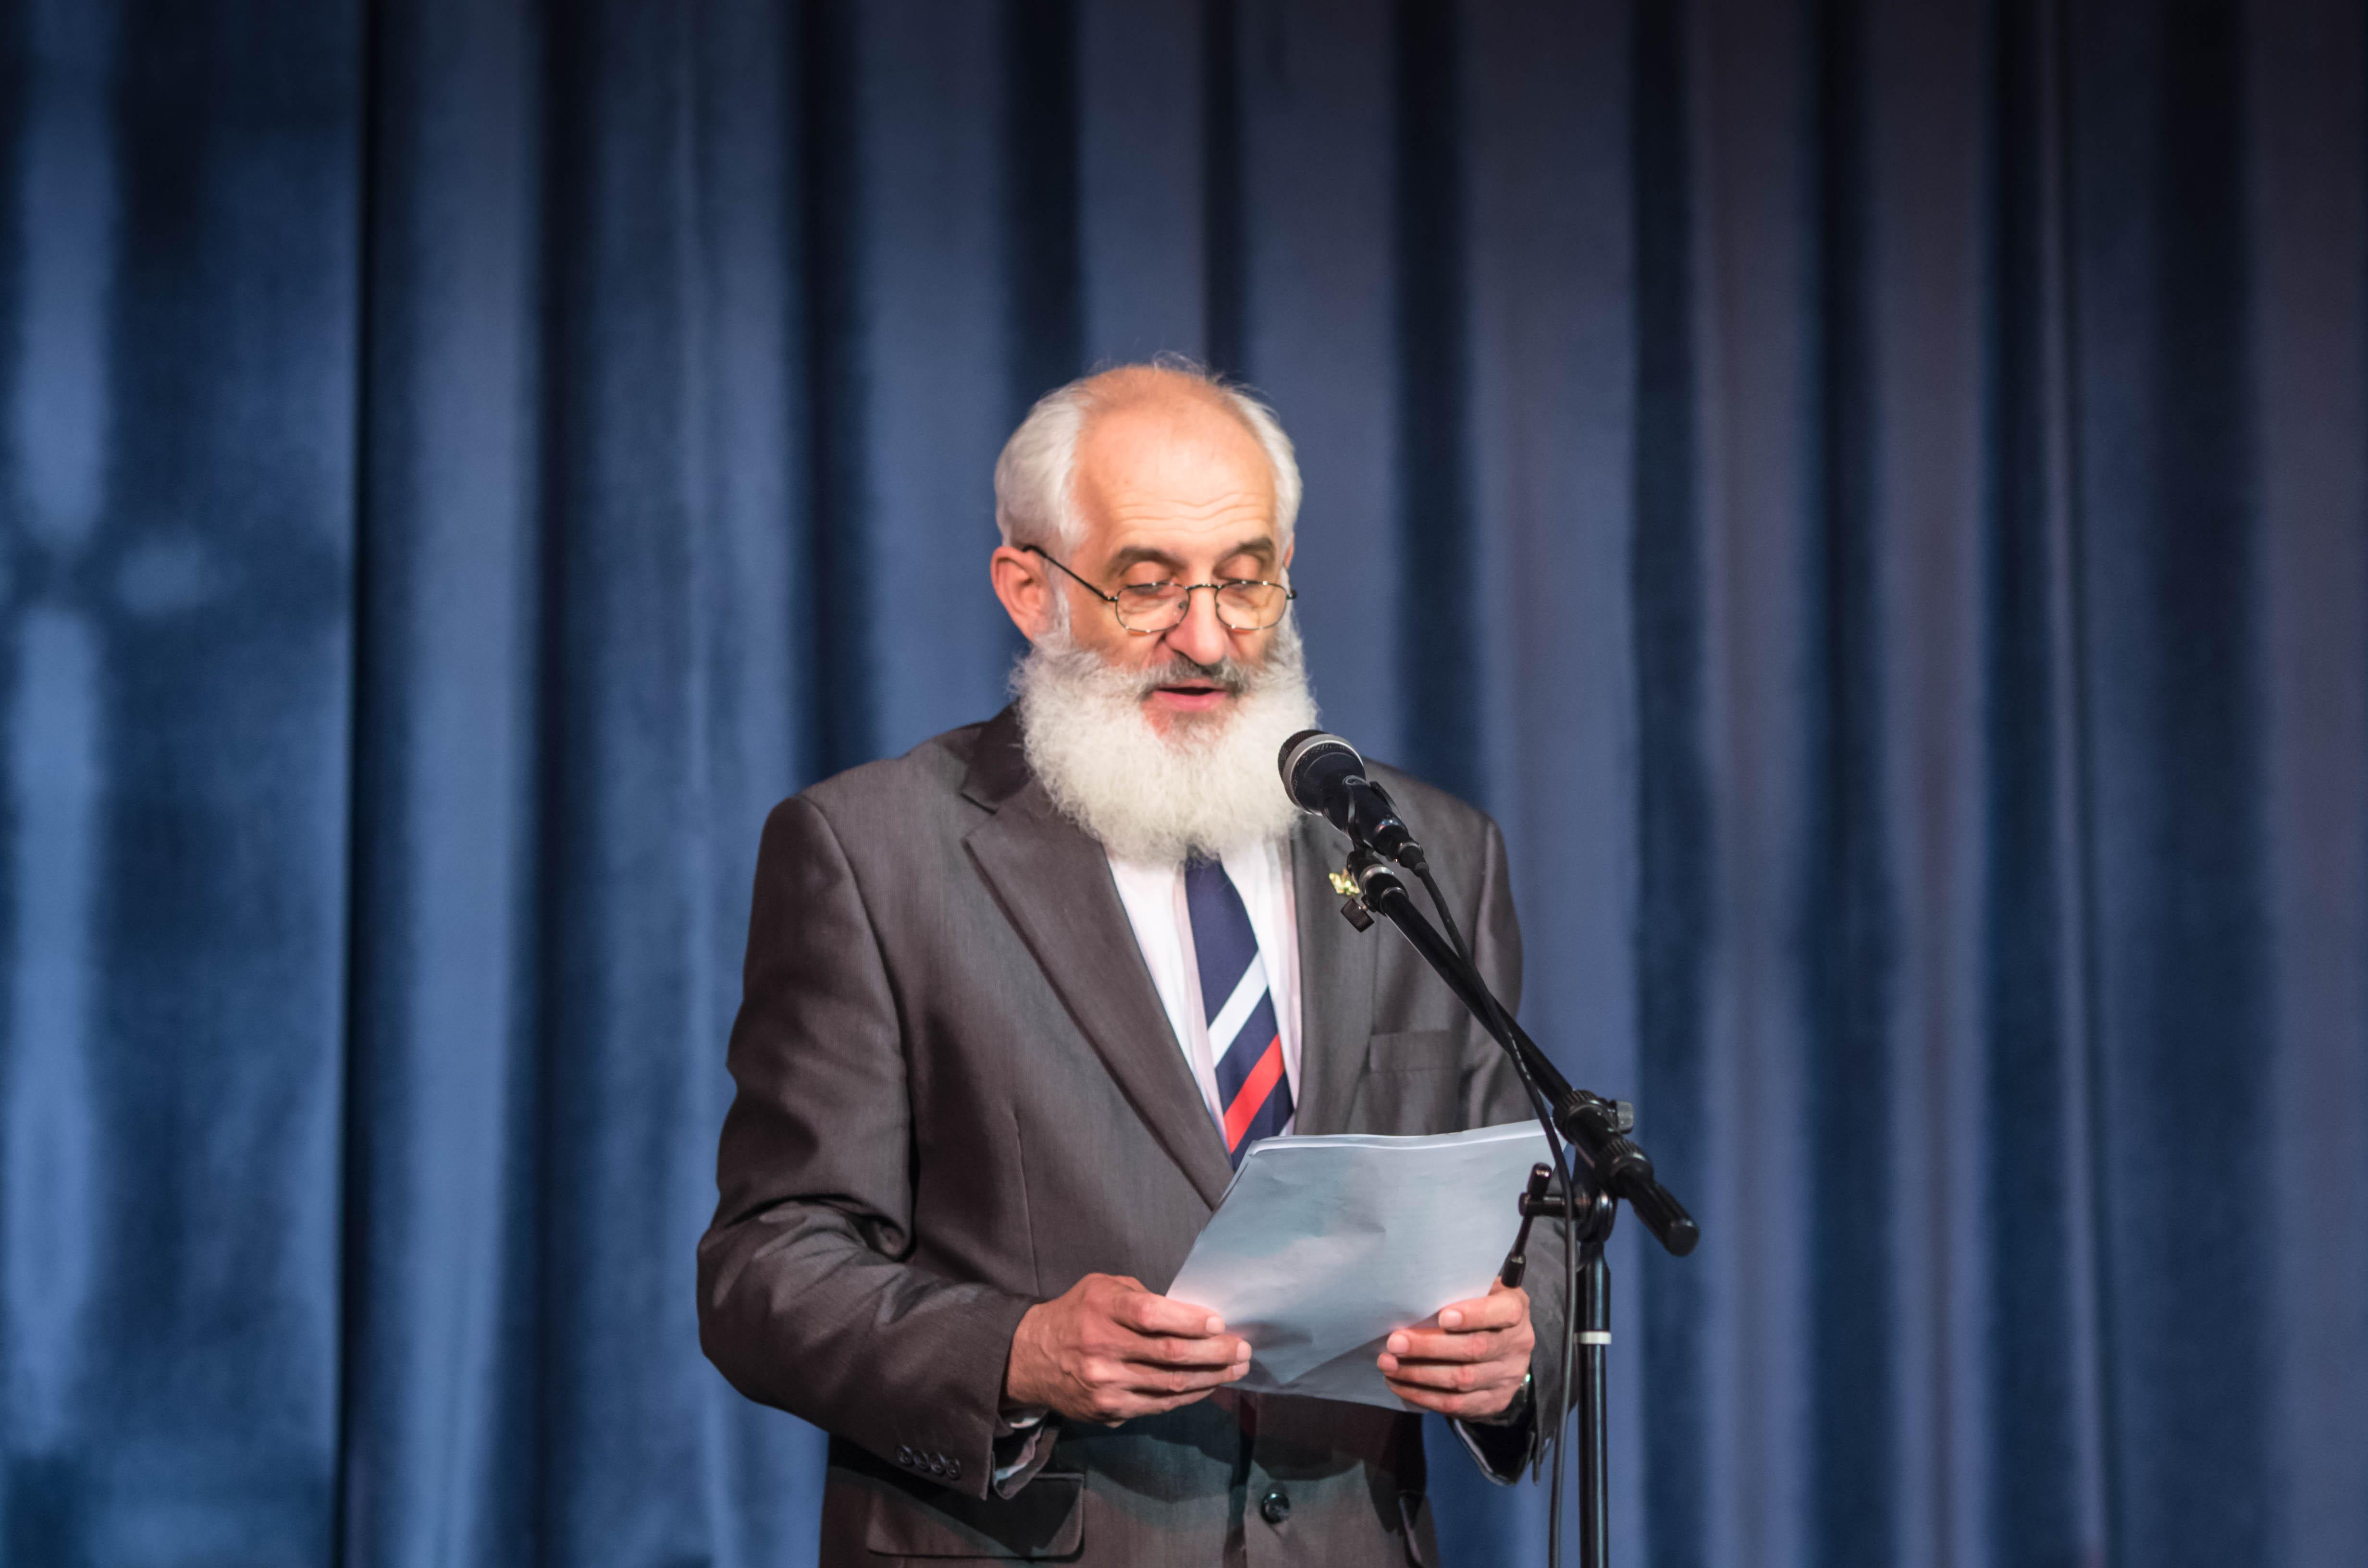 govor-laureata-nakon-dobijanja-zvanja-srpskog-viteza-prvog-reda-1